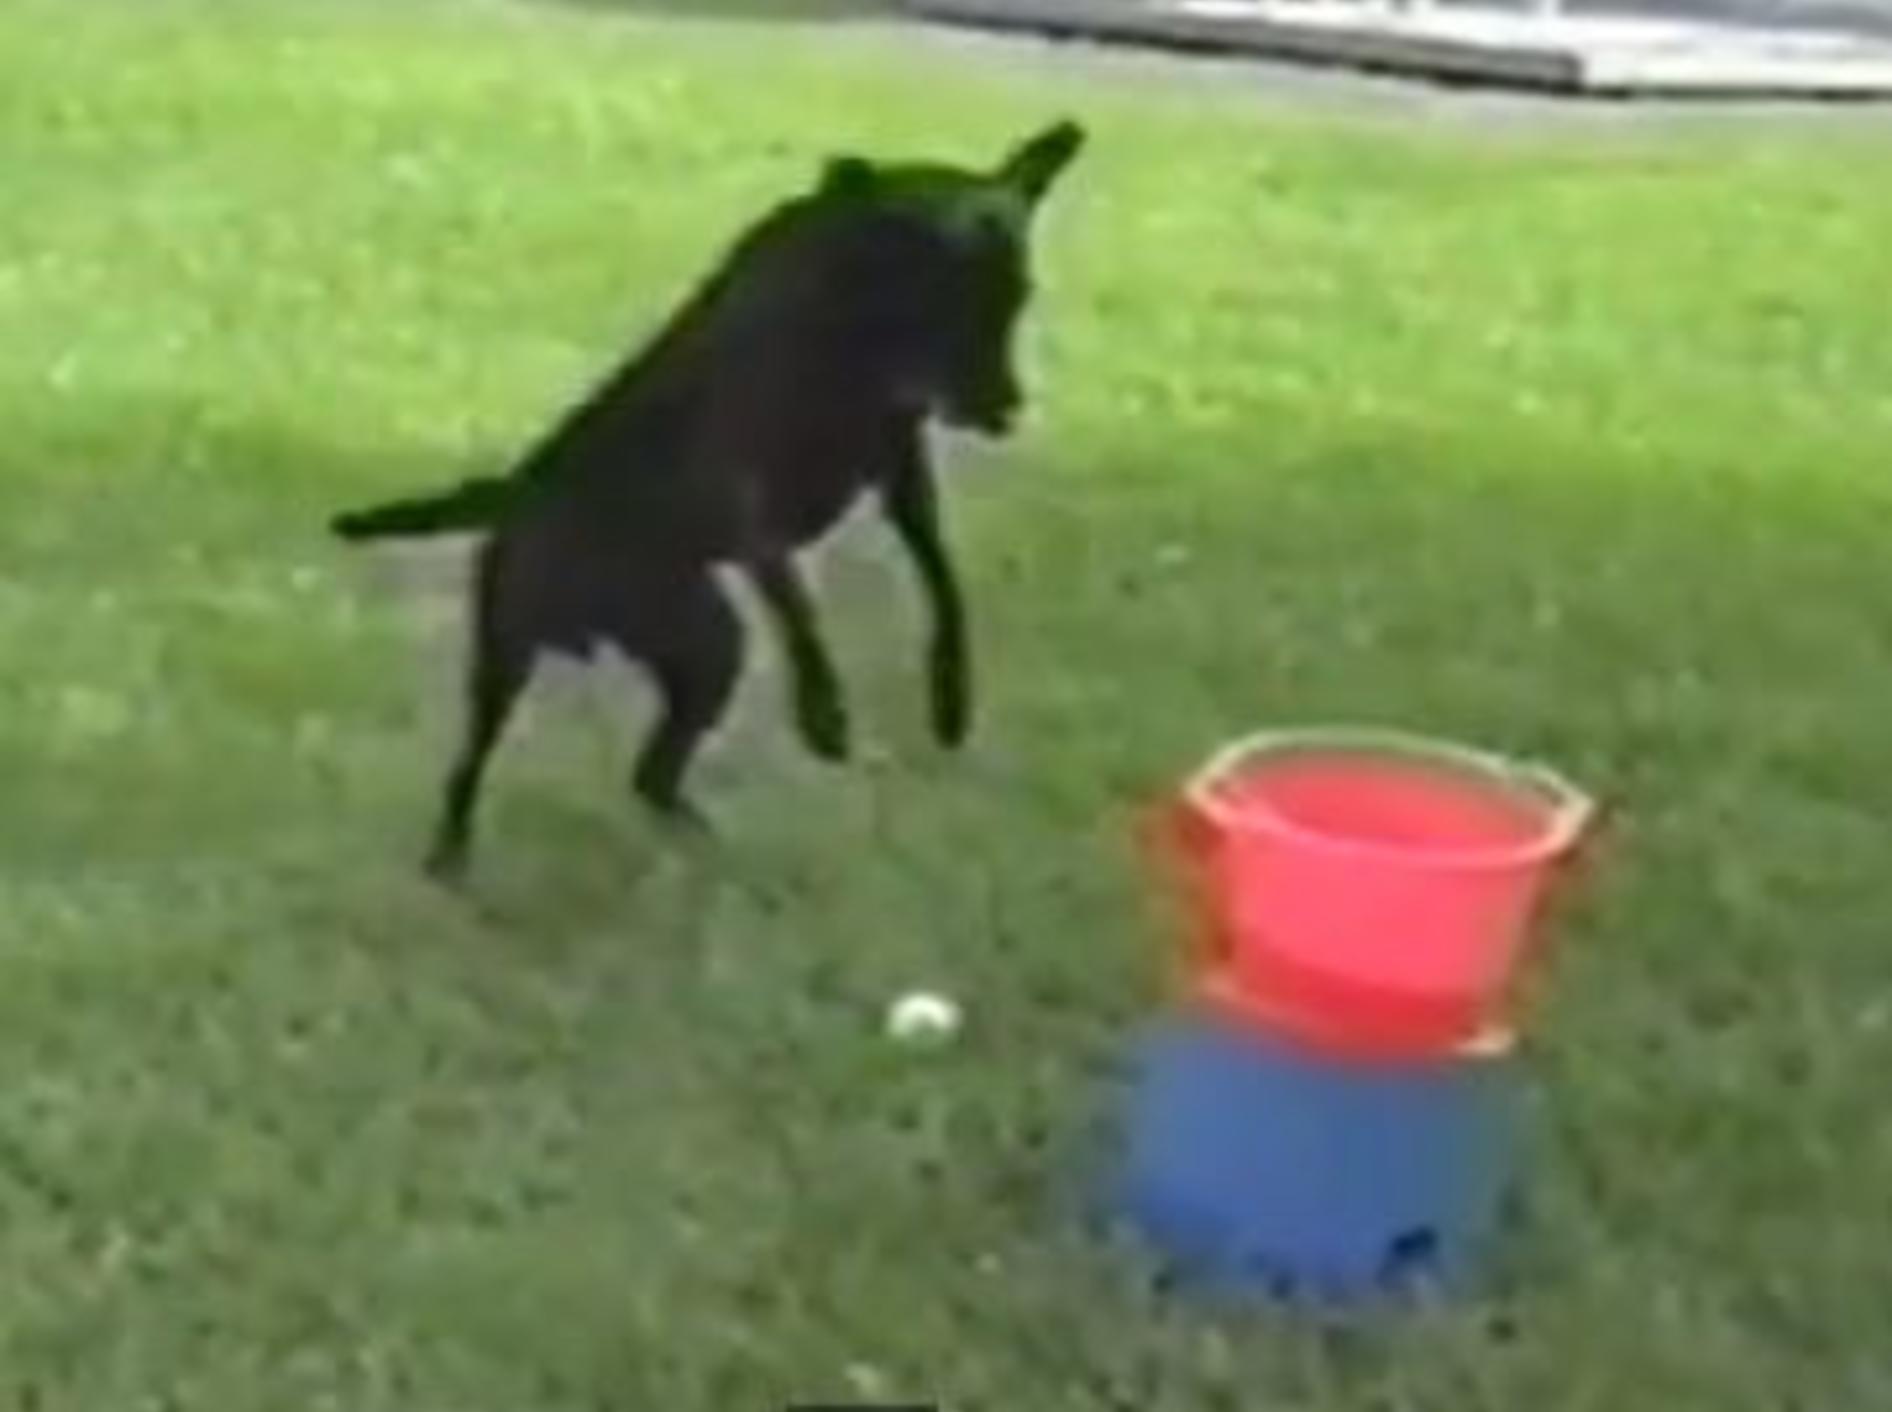 Süßer Hund: Ich liebe meine Ballwurfmaschine!!! — Bild: Youtube / Petsami